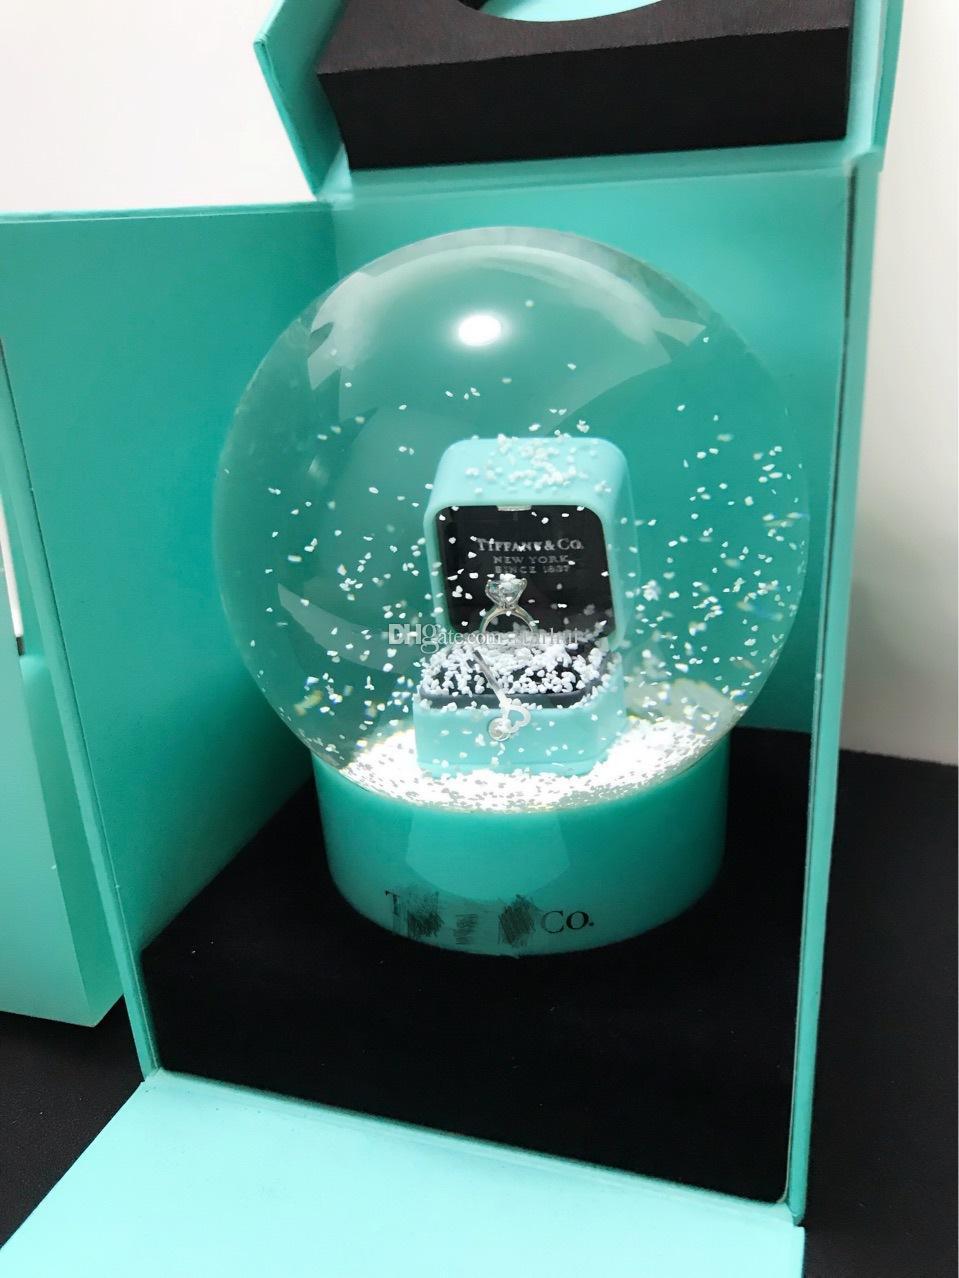 شجرة عيد الميلاد كريستال الكرة زجاج غلوب فنون تزيين المنزل عيد الميلاد ندفة الثلج الكرة الأطفال هدايا عيد WX9-494